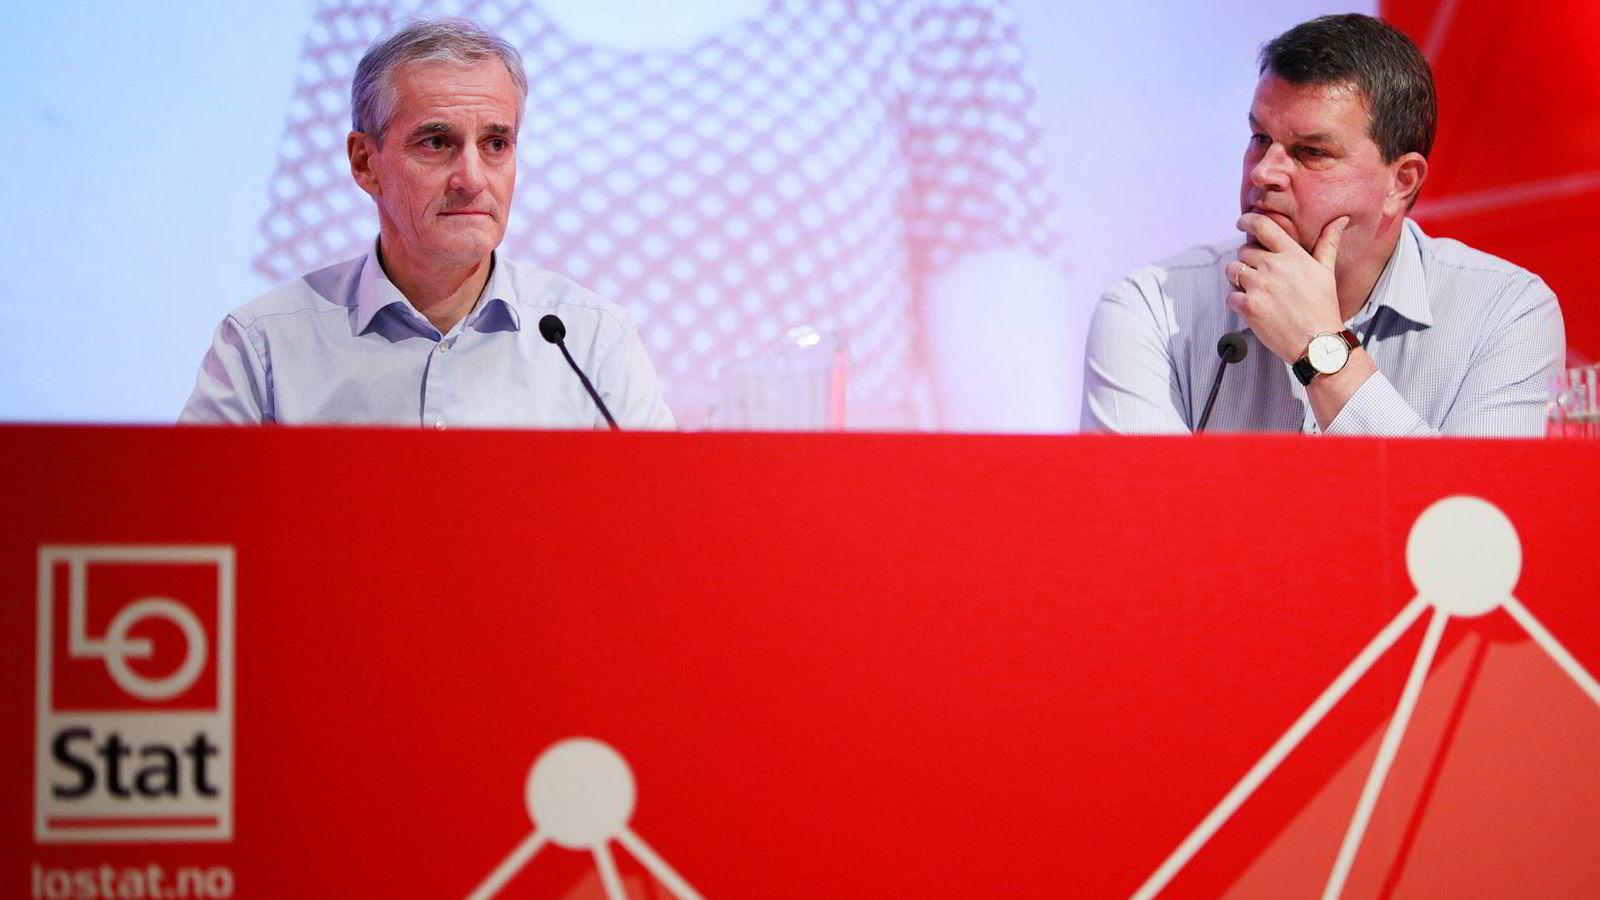 Problemet for LO-sjef Hans-Christian Gabrielsen (til høyre) og Ap-leder Jonas Gahr Støre er at EØS-reglenes krav til fri etablering kan begrense streikeretten, skriver innleggsforfatteren.